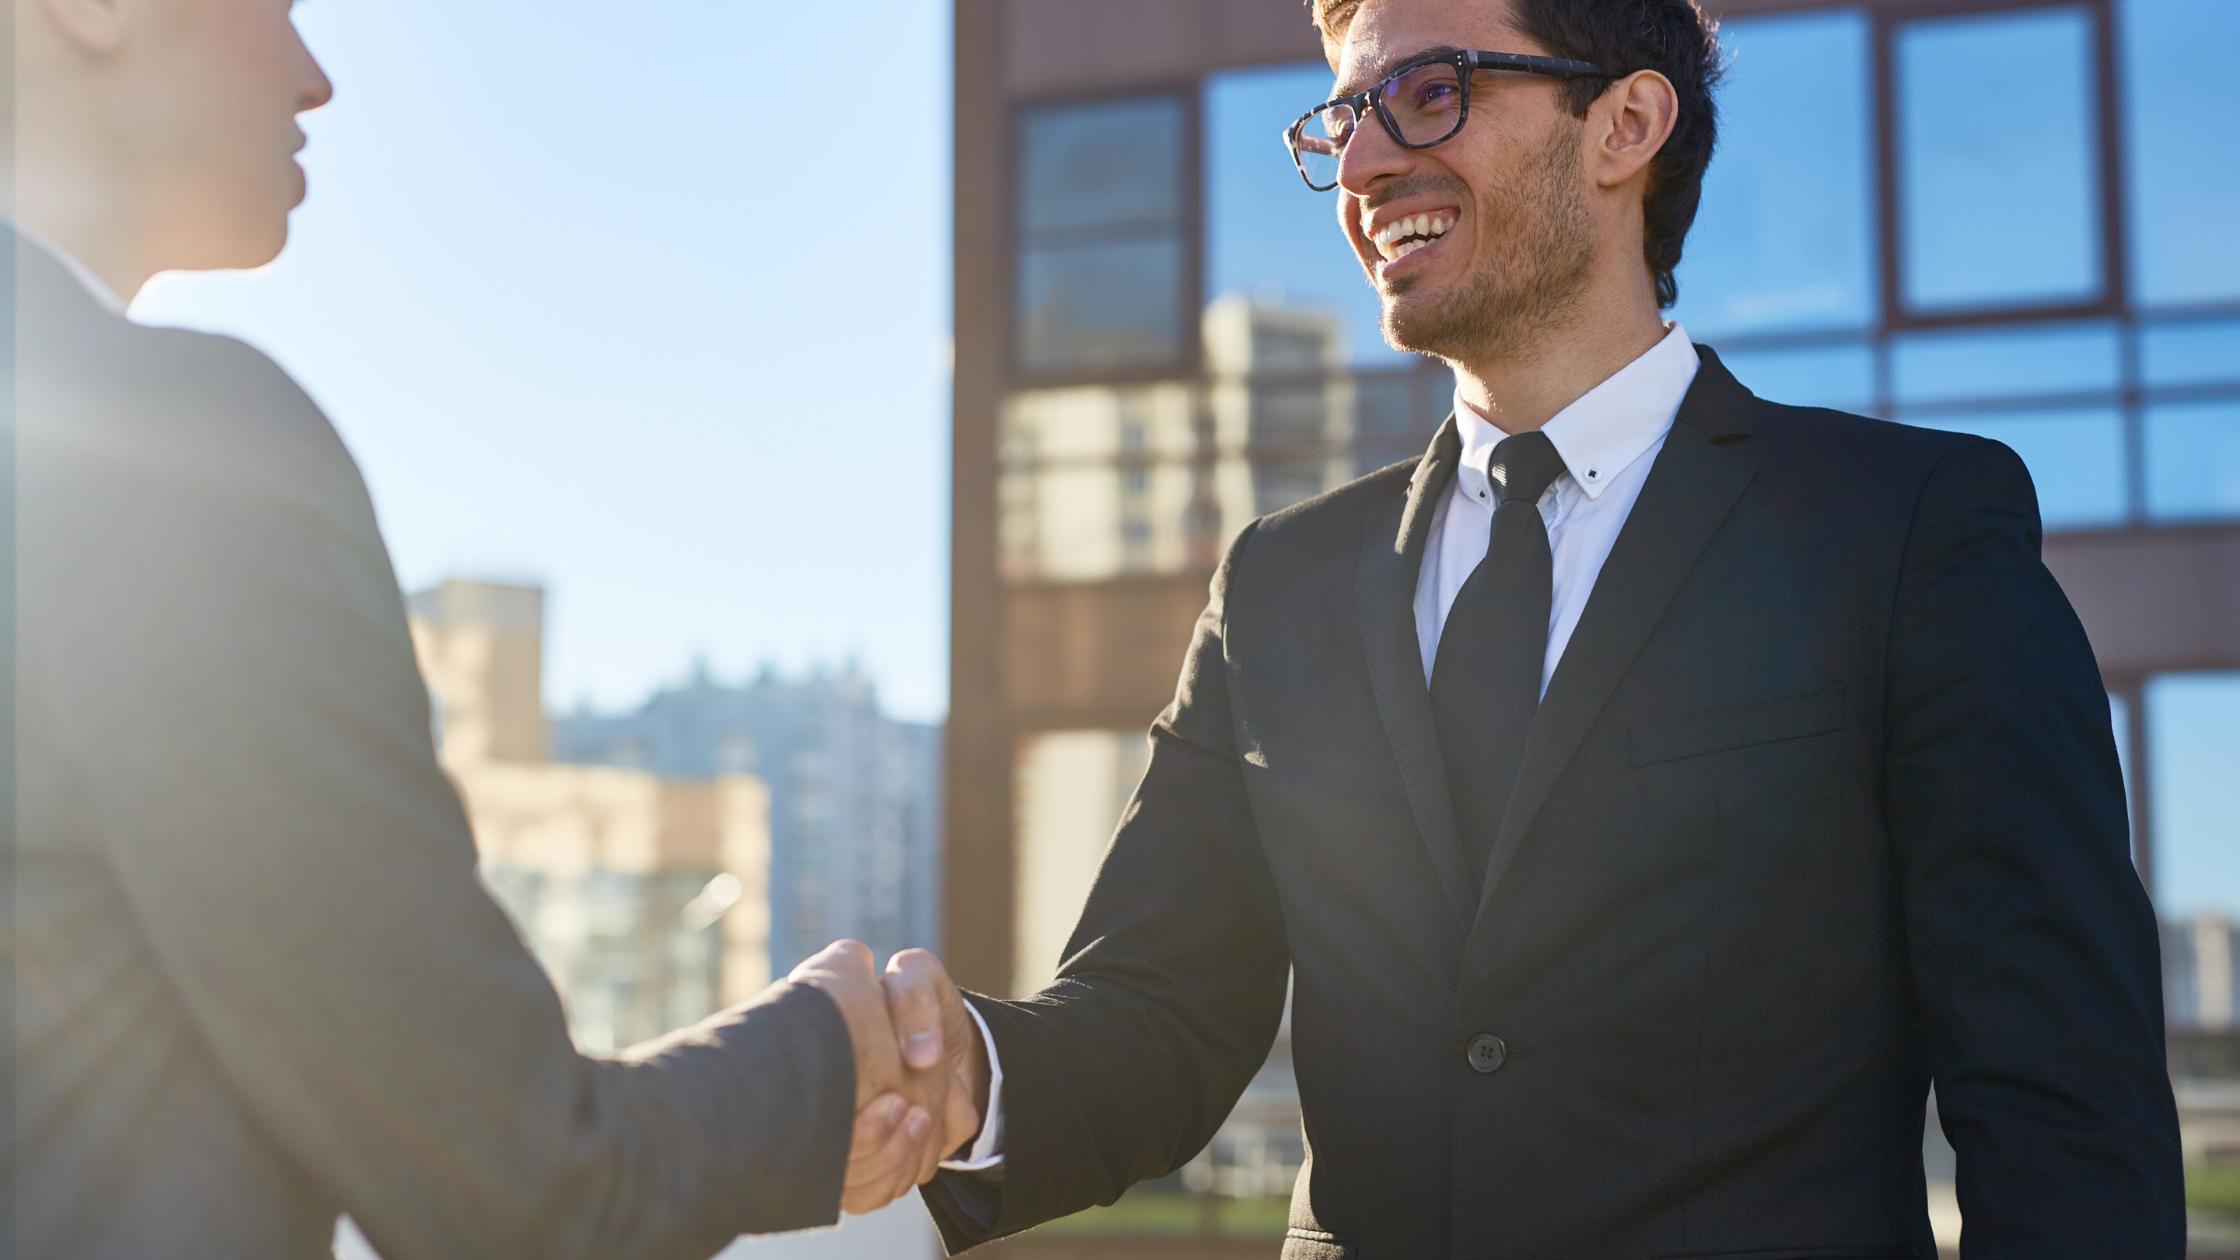 Client retention and acquisition